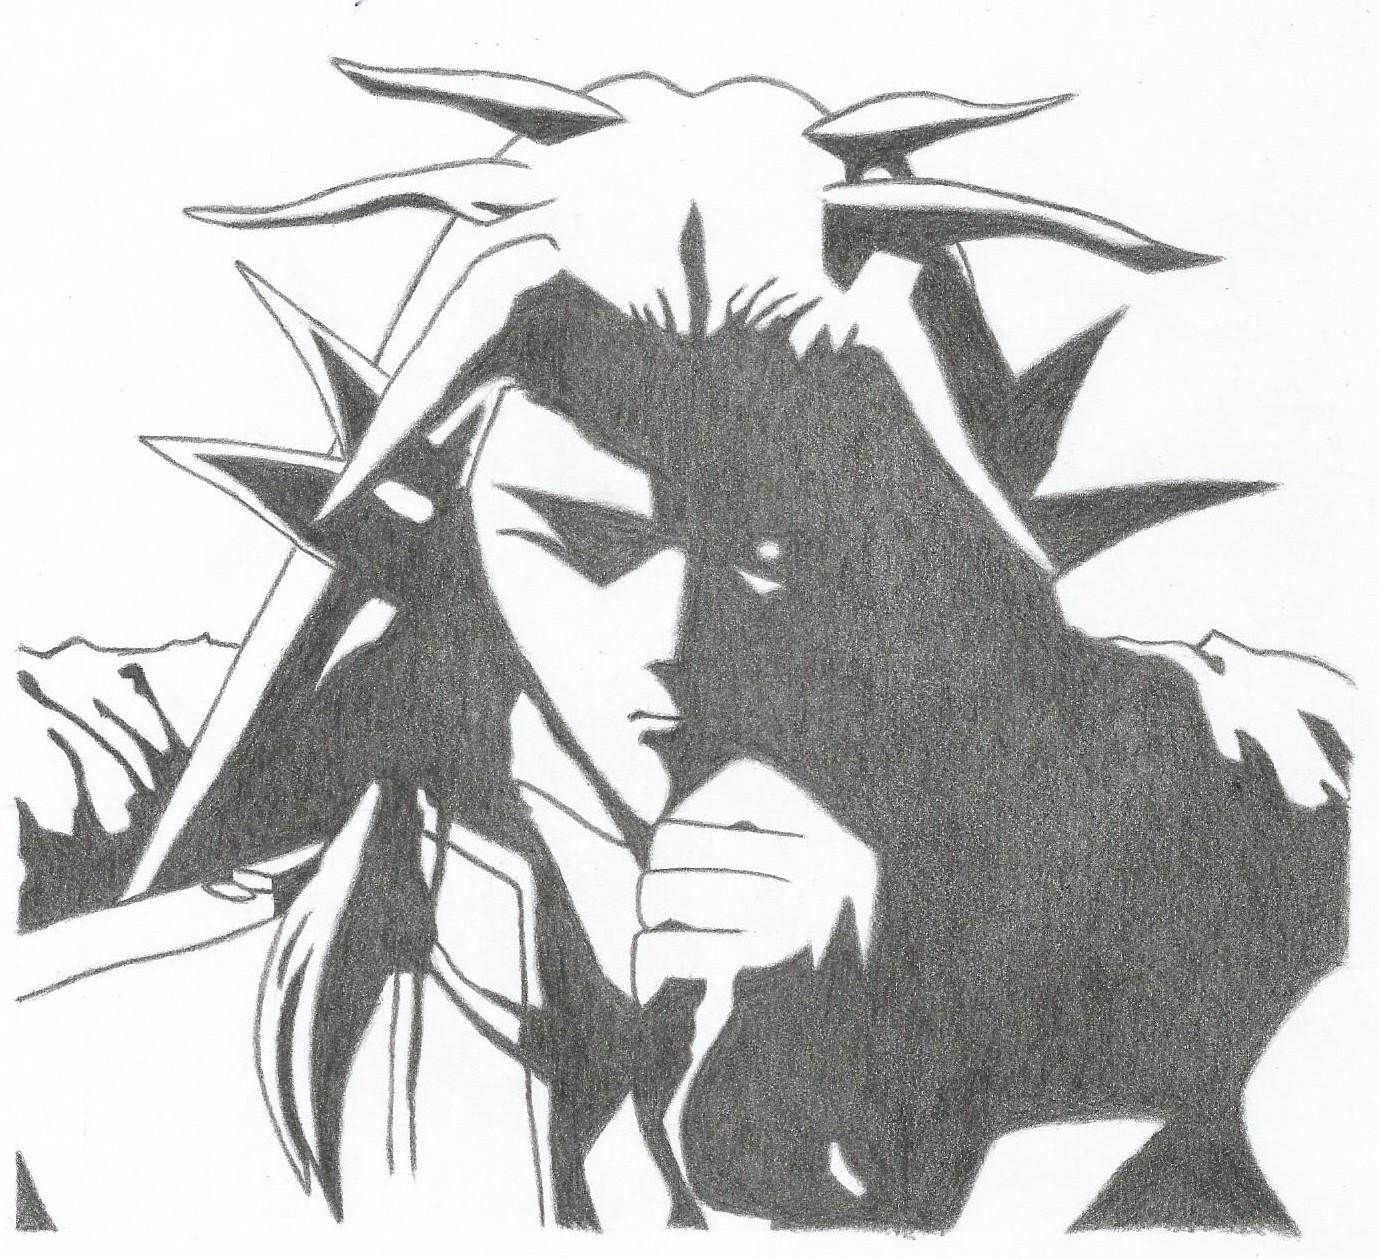 Rtenzo Ero Enzo: Yomi From Yu Yu Hakusho By OldSketch On DeviantArt